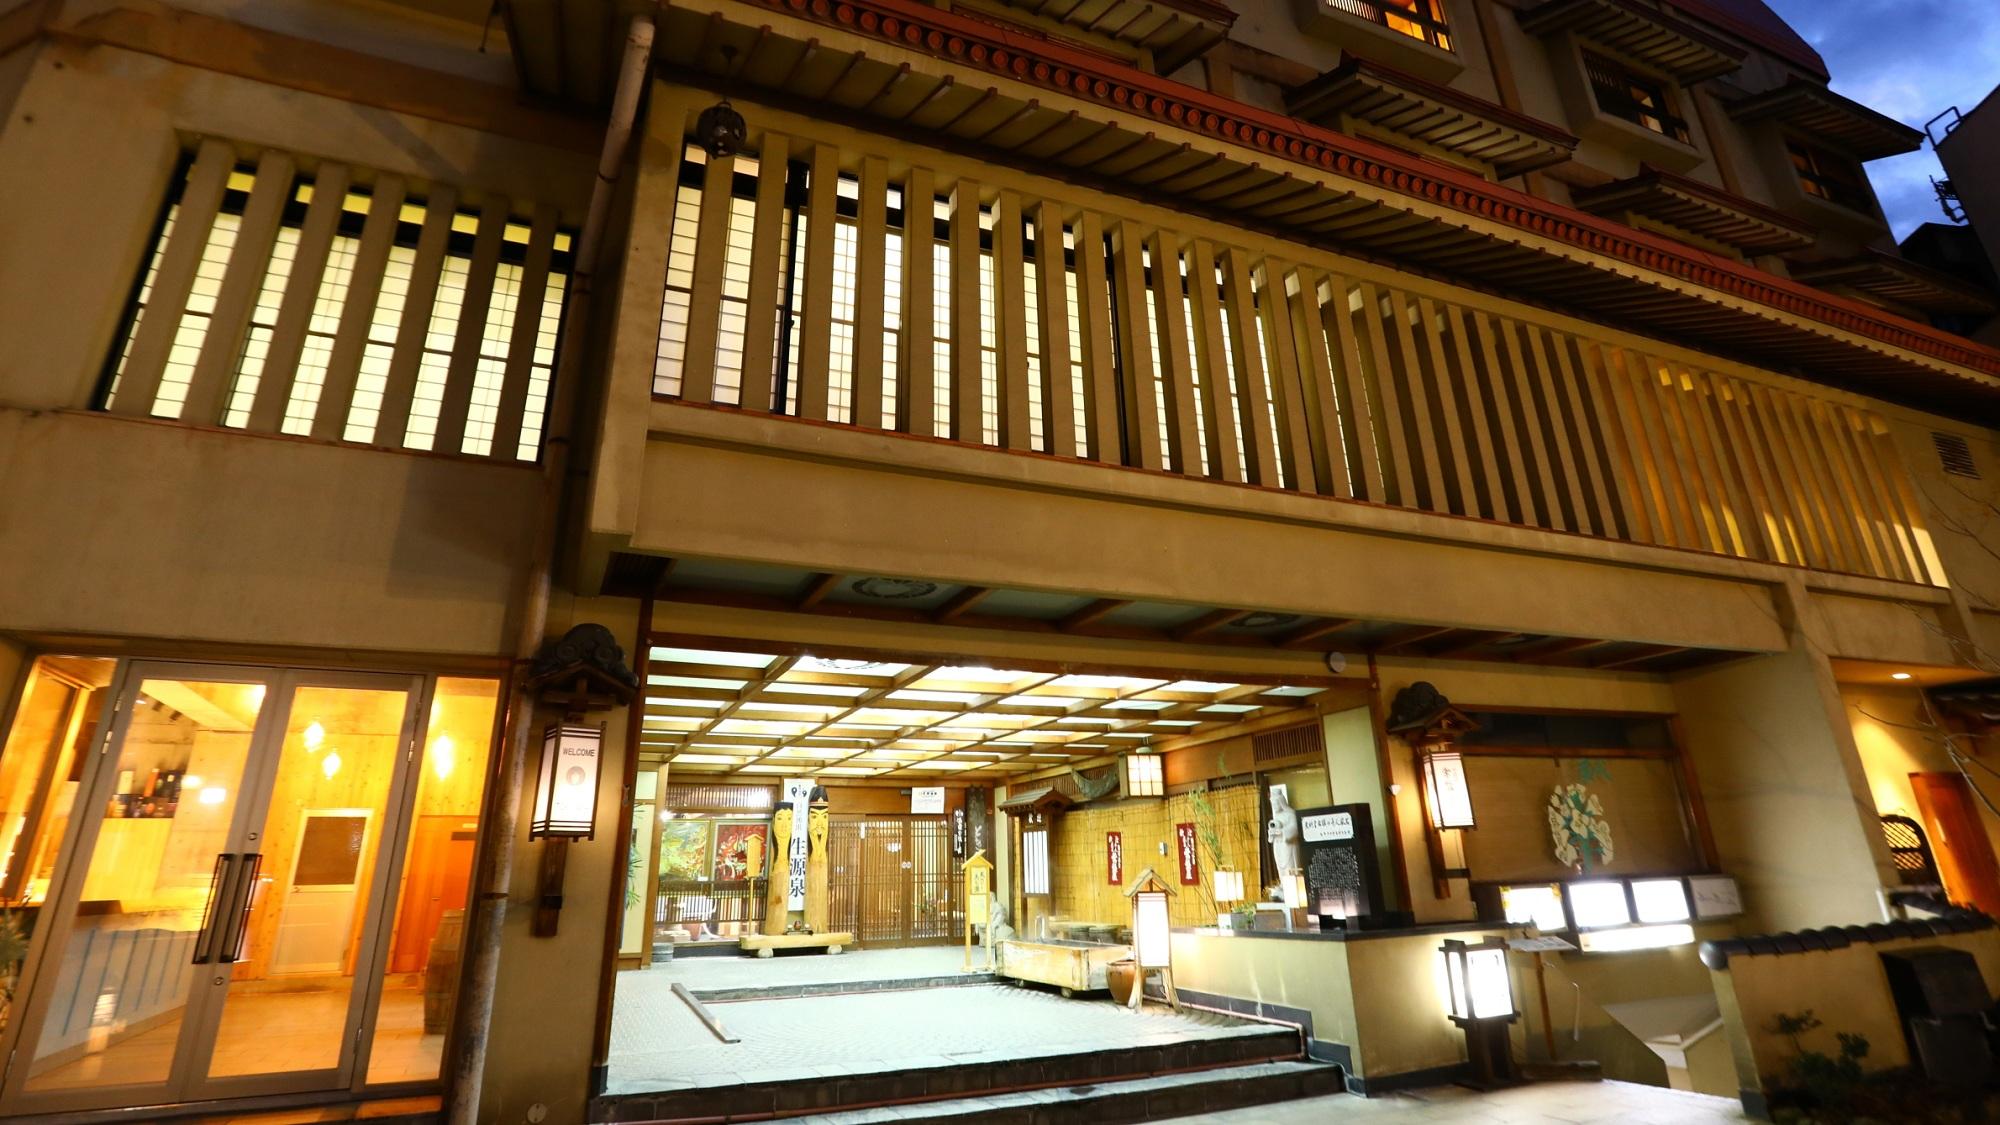 野沢温泉でリフレッシュ!エステかマッサージを受けられる宿でお勧めの宿はありますか?